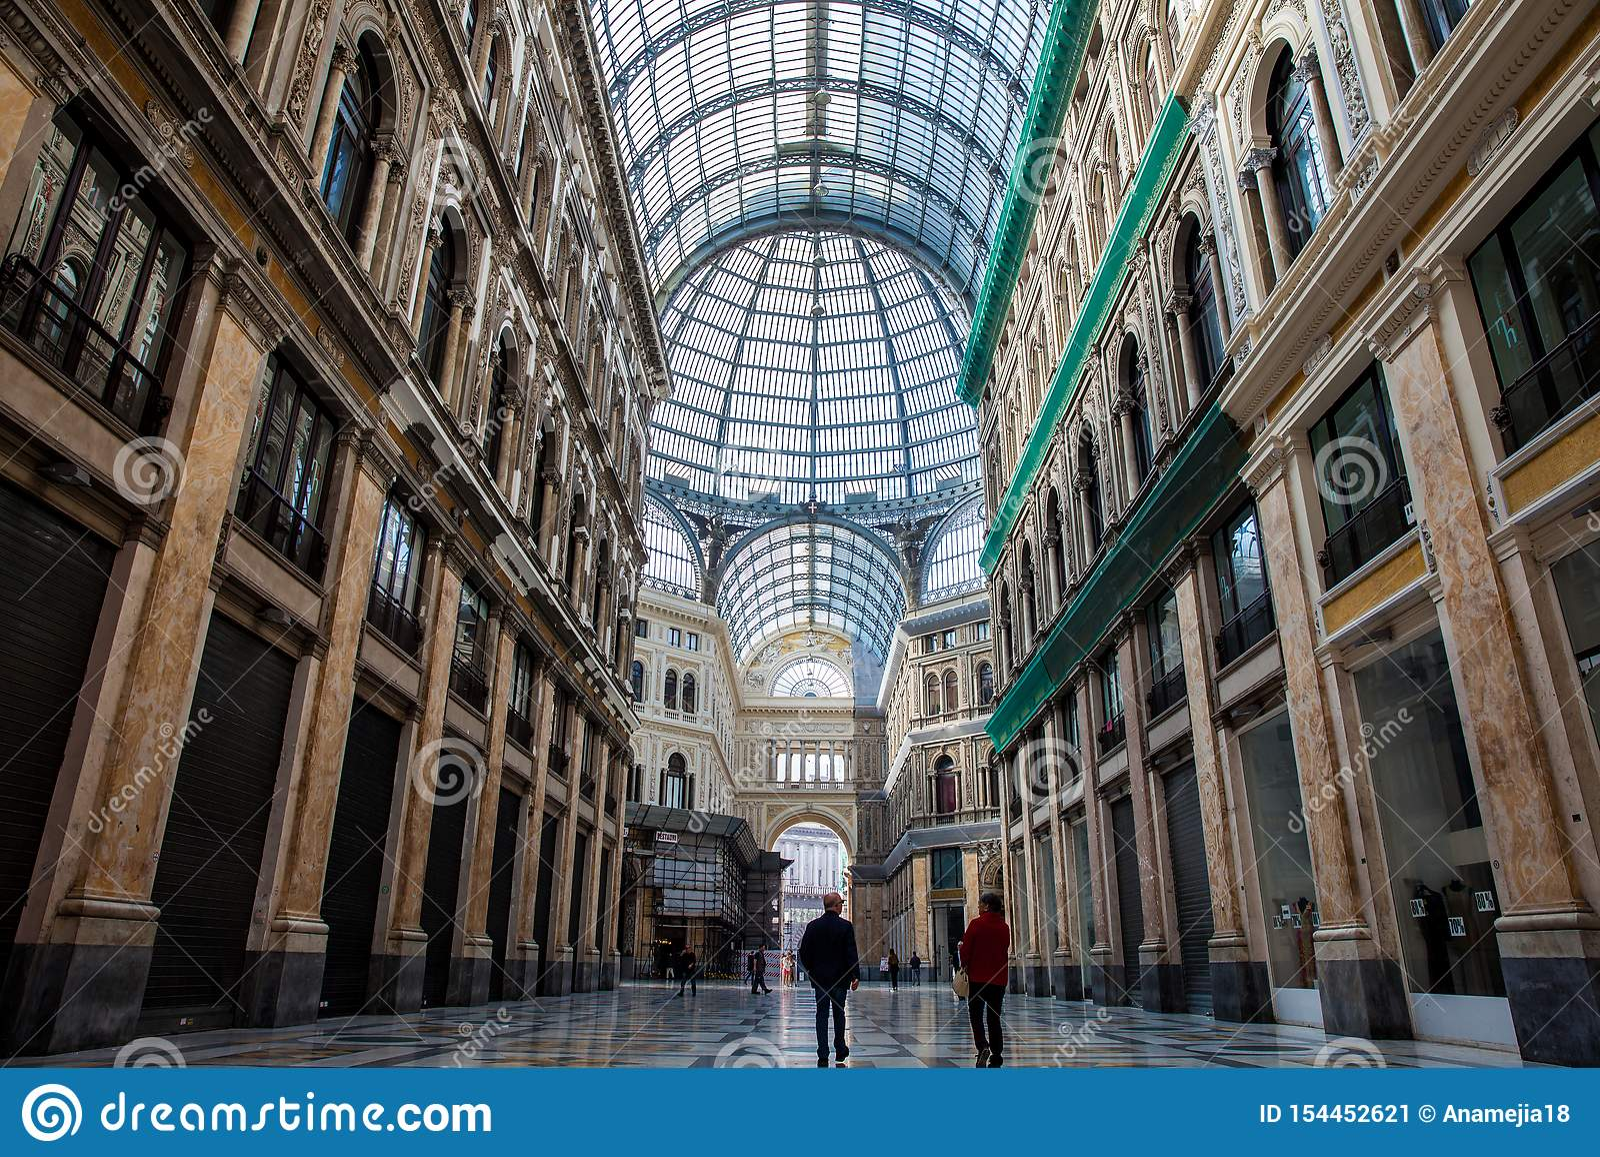 Galleria Umberto yo una galería que hace compras pública en Nápoles